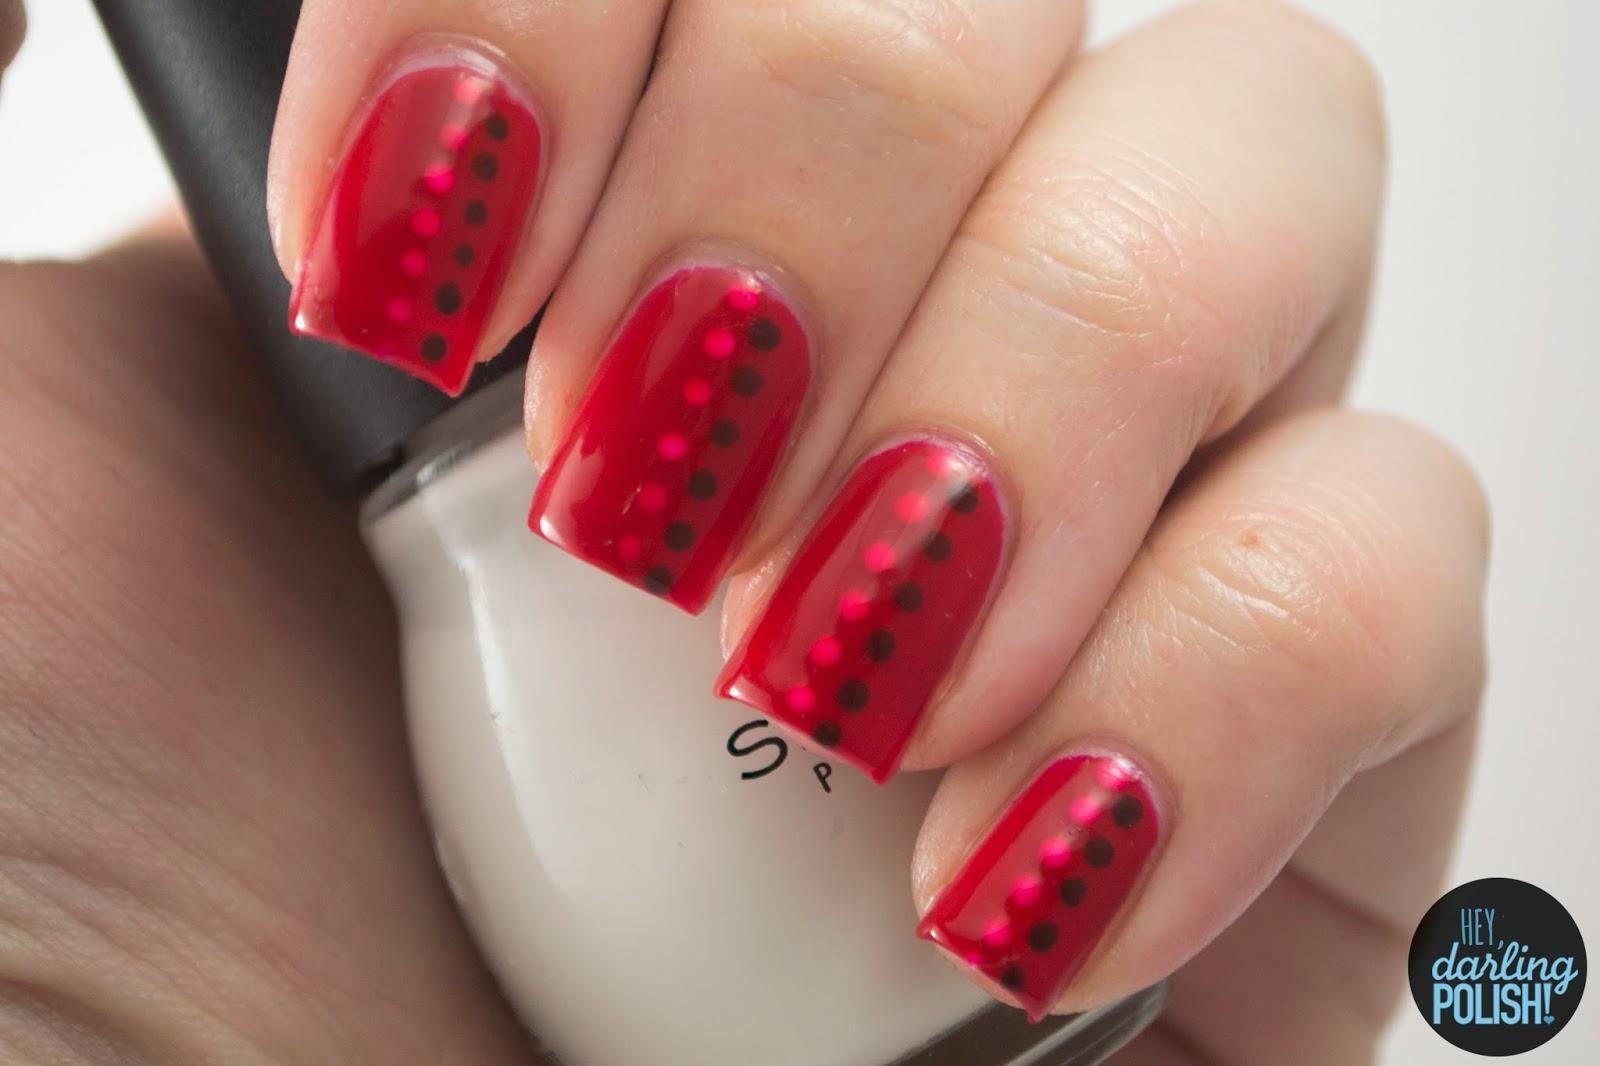 nails, nail art, nail polish, polish, red, jelly, hey darling polish, the never ending pile challenge, dots